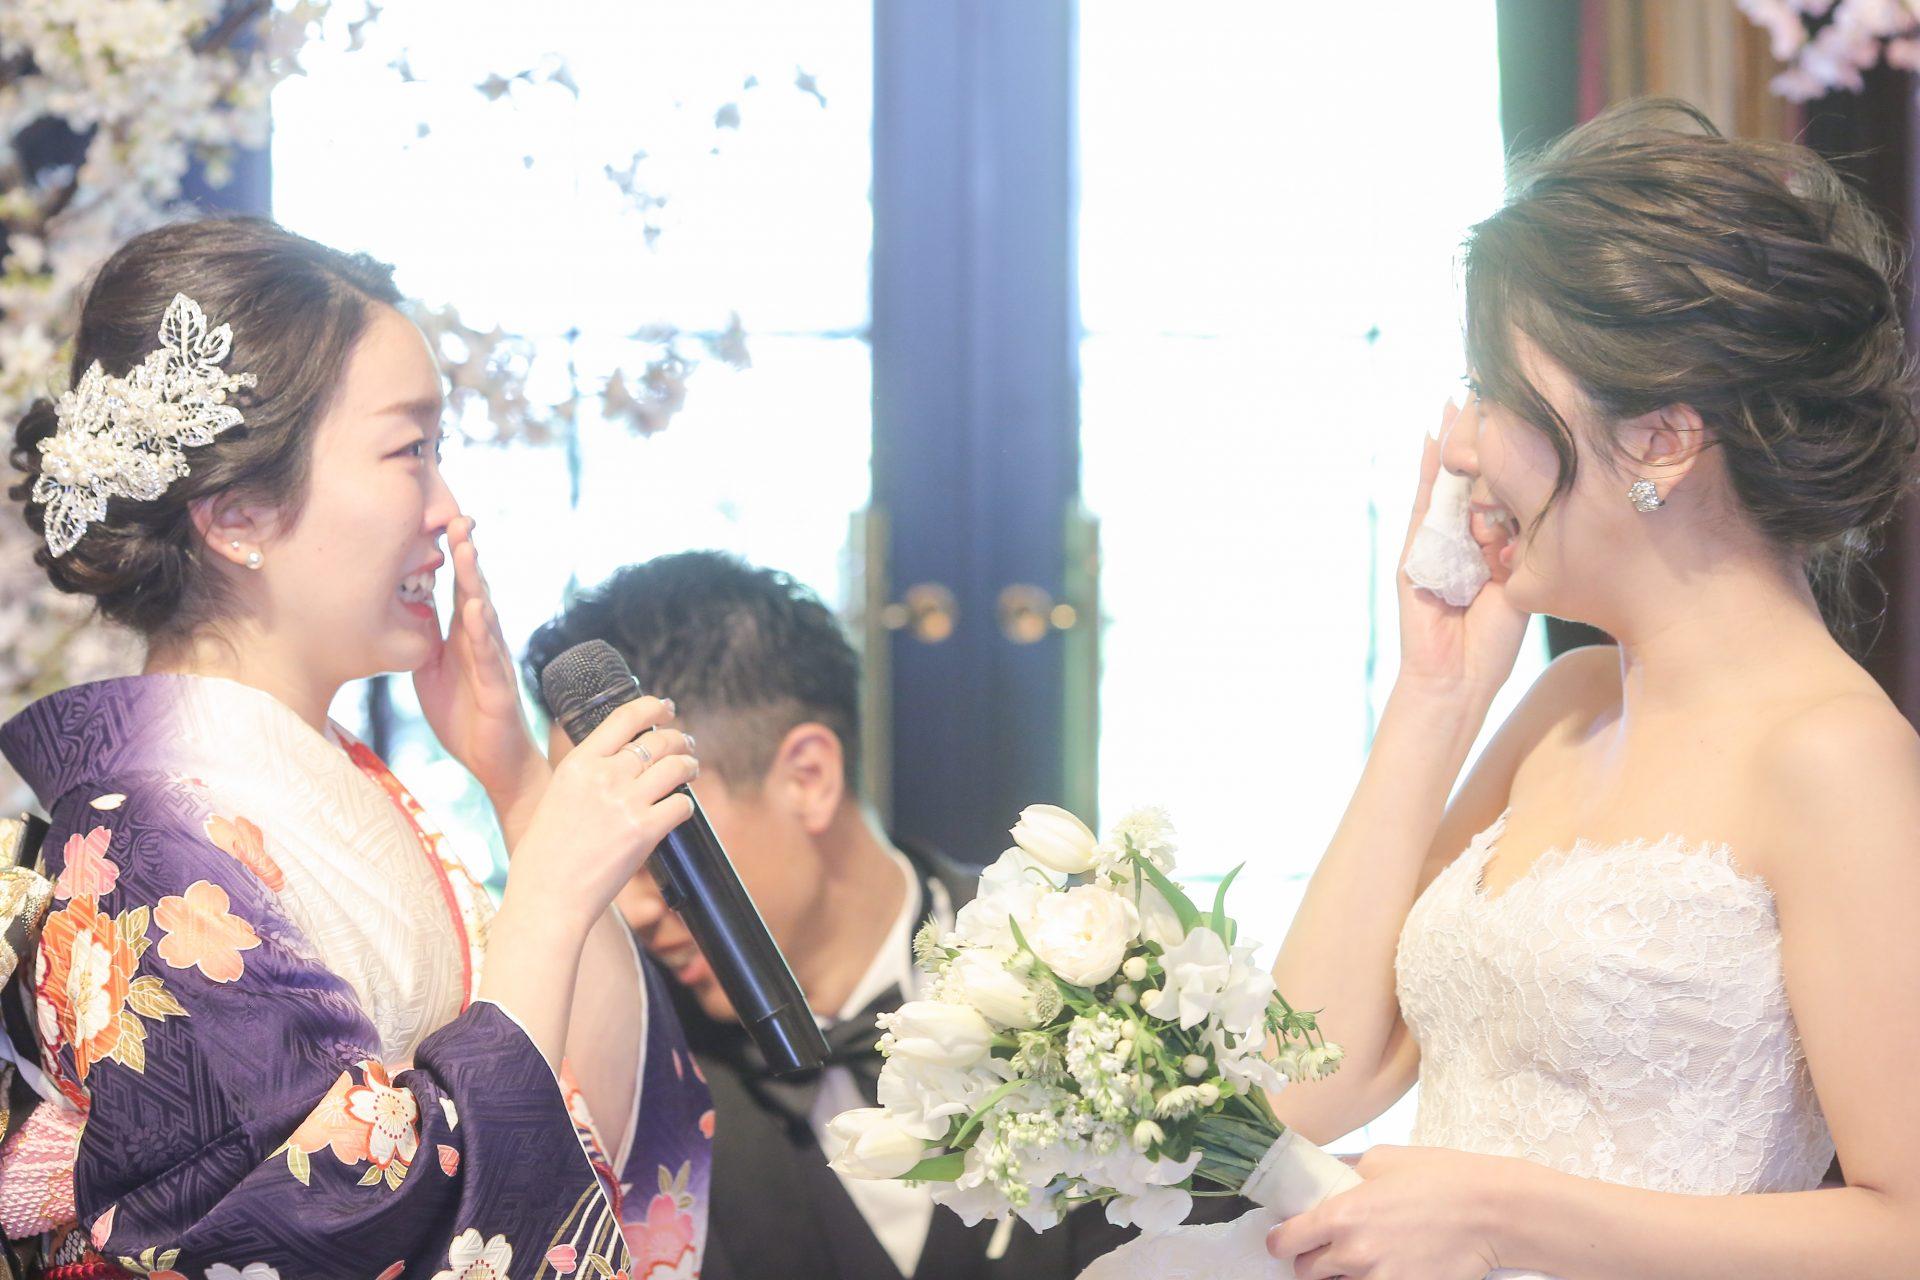 フォーチュンガーデン京都で結婚式を挙げられる新婦様にご紹介したいレースが美しいハートシェイプのウェディングドレス